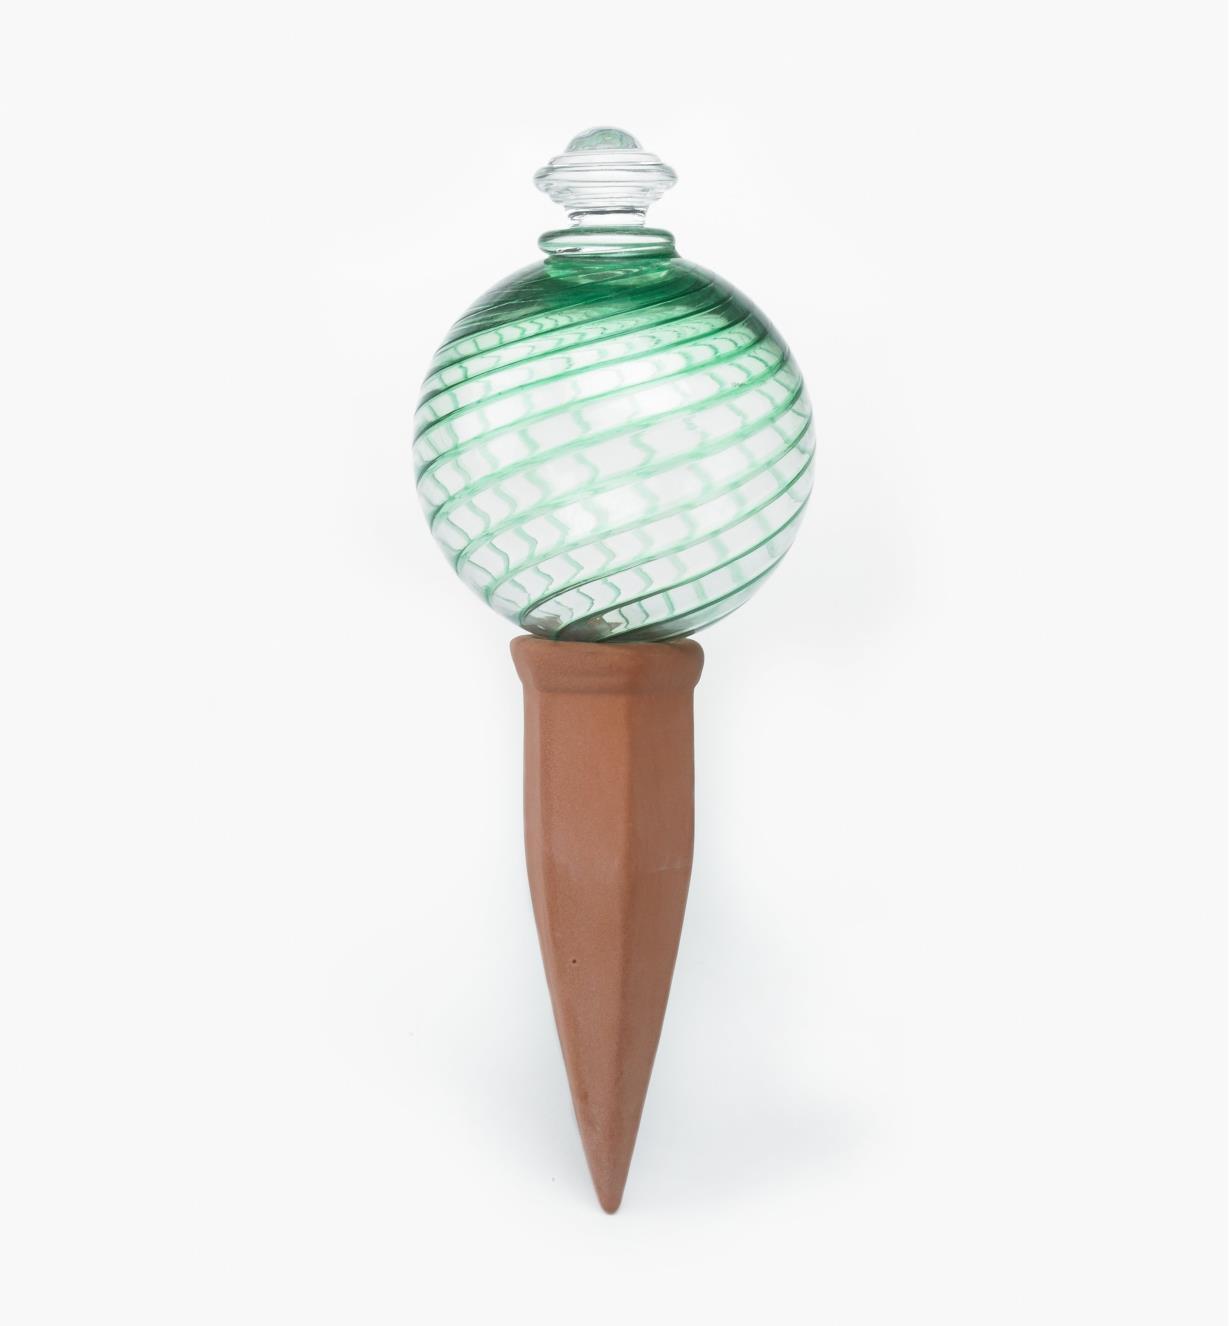 XC487G - Green Water Globe & Spike Set